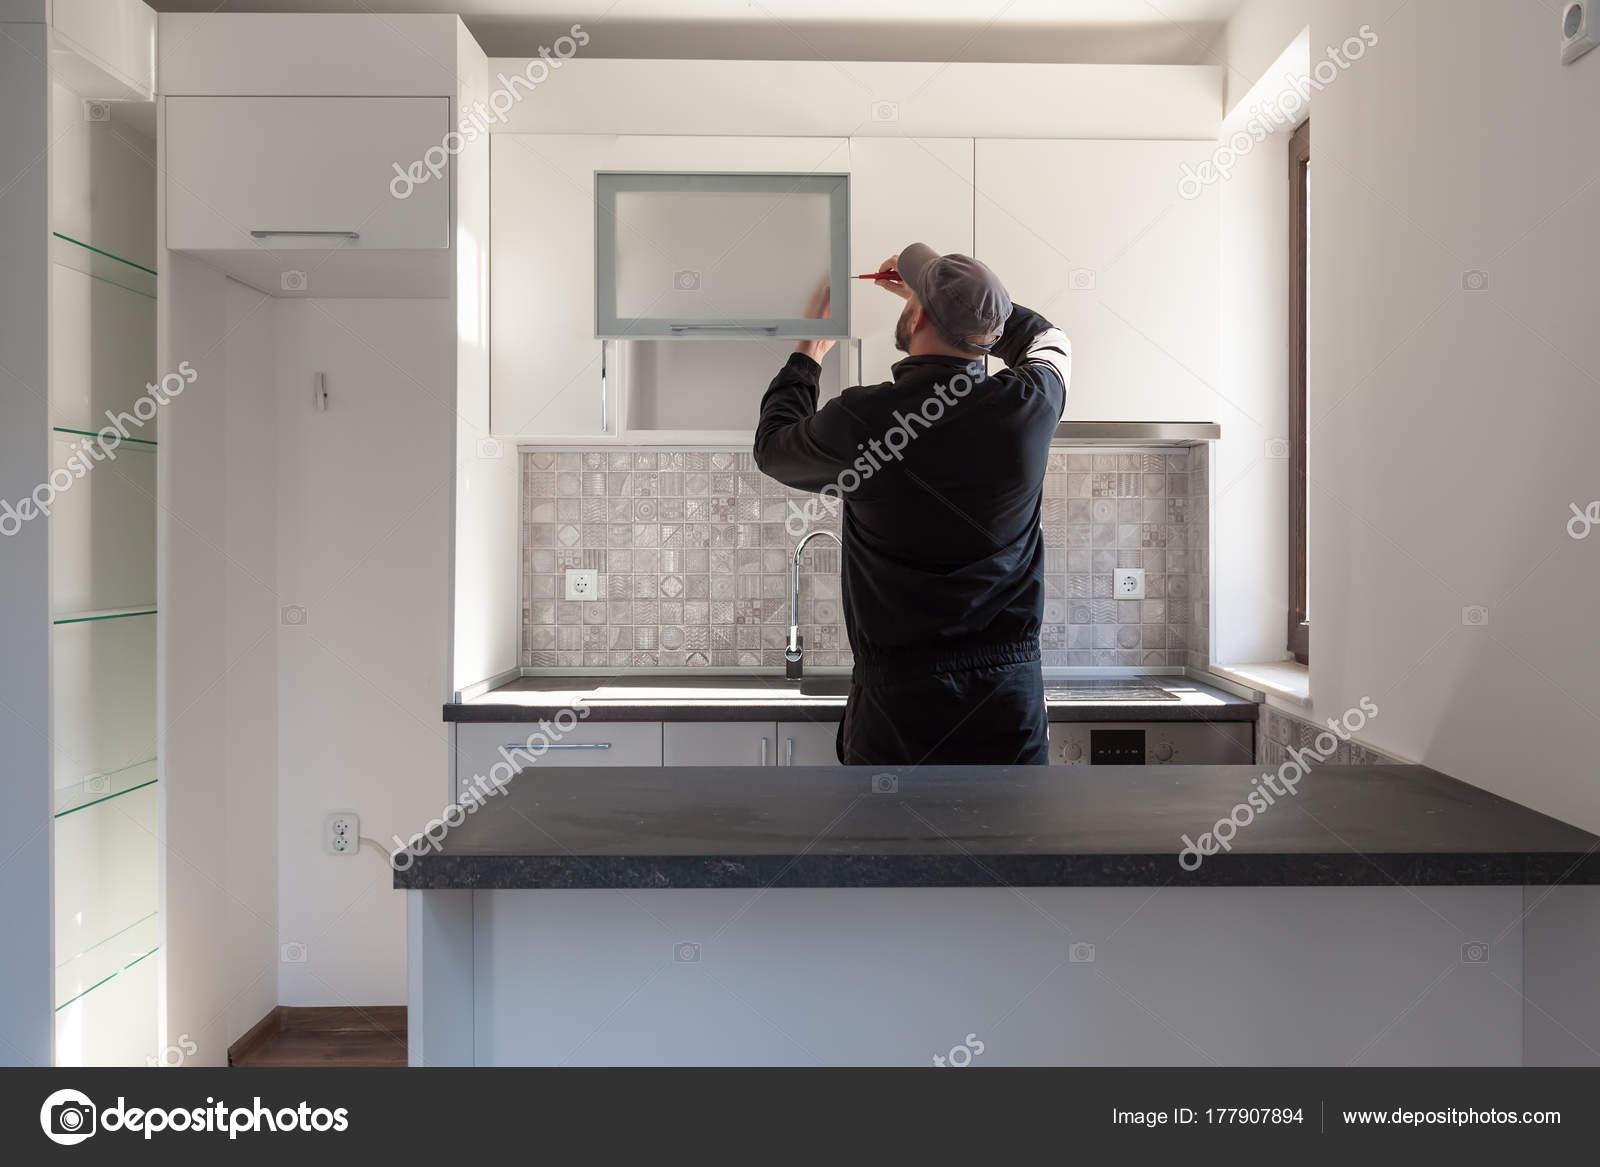 Carpintero trabajando en la nueva cocina. Fijación de una puerta en ...